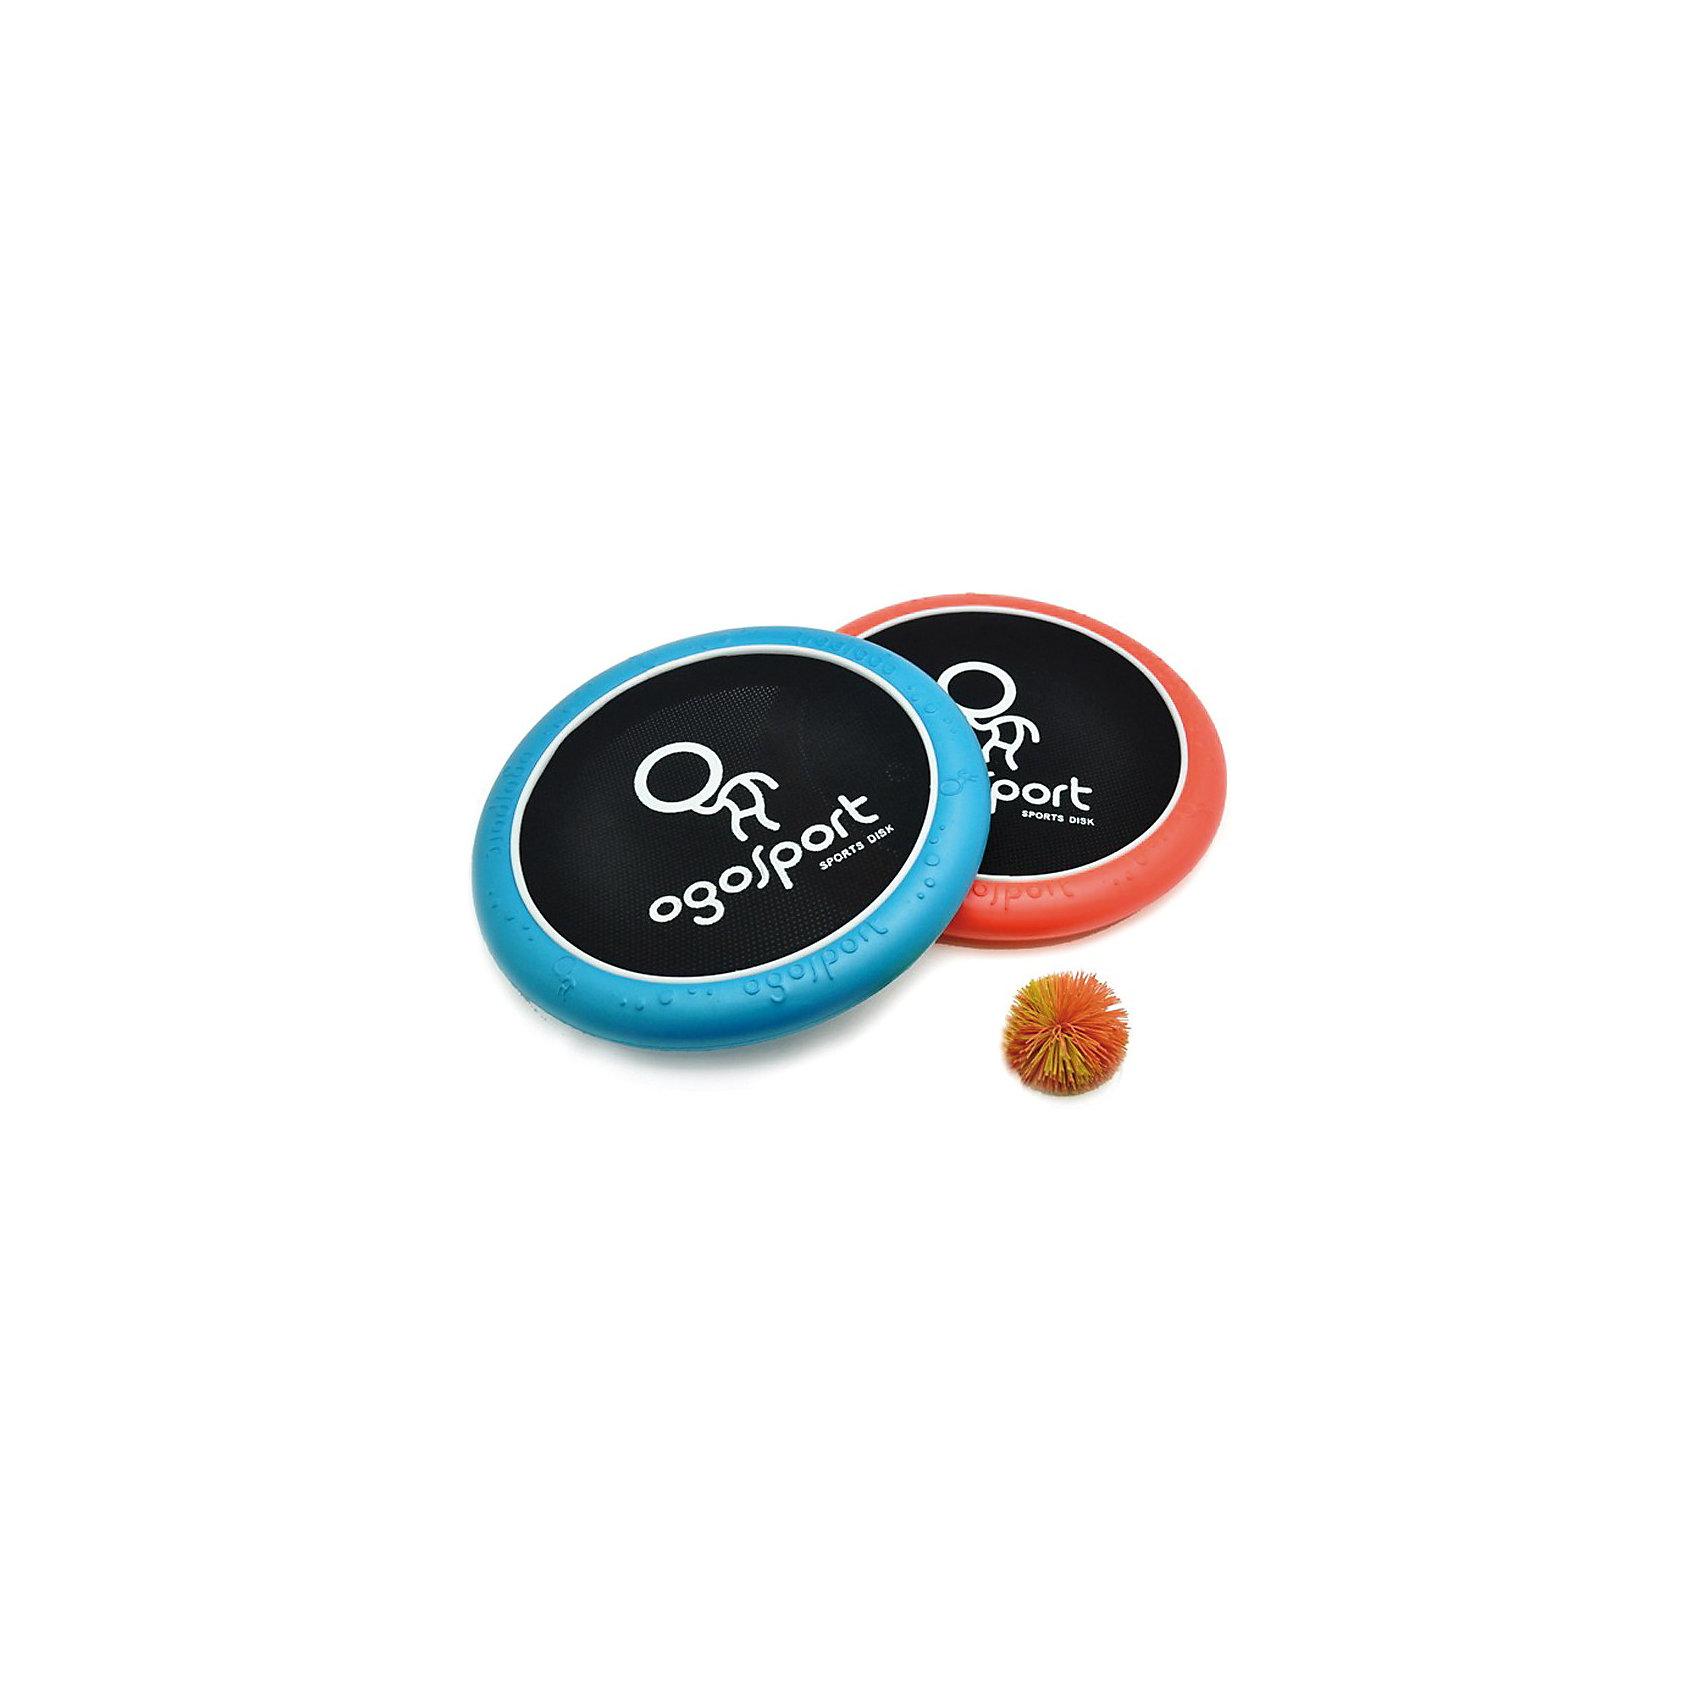 OgoSport Игра СтандартOgoSport (Огоспорт) - это спортивная игра огодисками. Комплект для игры Огоспорт состоит из 2 огодисков, и одного мячика. <br>Огодиск - это специальный диск, состоящий из пенообразного материала, с натянутой по центру эластичной сеточкой. Огодиск имеет эргономичный дизайн, его приятно держать в руке, он обладает отличными аэродинамическими характеристиками, благодаря чему огодиск прекрасно подходит для спортивной игры фрисби.<br><br>Играть в Огоспорт просто: можно использовать Огодиски в качестве фрисби или же отбивать дисками мячик как при игре в бадминтон.<br><br>Дополнительная информация:<br><br>- В комплекте: огодиск - 2 шт, огомяч - 1шт;<br>- Прекрасный вариант для игр на улице;<br>- Понравится как взрослым, так и детям;<br>- Материал: пластик, текстиль;<br>- Диаметр огодиска – 29 см, диаметр мячика – 6 см;<br>- Размер упаковки: 29 х 29 х 7 см;<br>- Вес: 360г<br><br>Игру Огоспорт (Ogosport) Стандарт можно купить в нашем интернет-магазине.<br><br>Ширина мм: 290<br>Глубина мм: 60<br>Высота мм: 320<br>Вес г: 360<br>Возраст от месяцев: 36<br>Возраст до месяцев: 1188<br>Пол: Унисекс<br>Возраст: Детский<br>SKU: 3180382